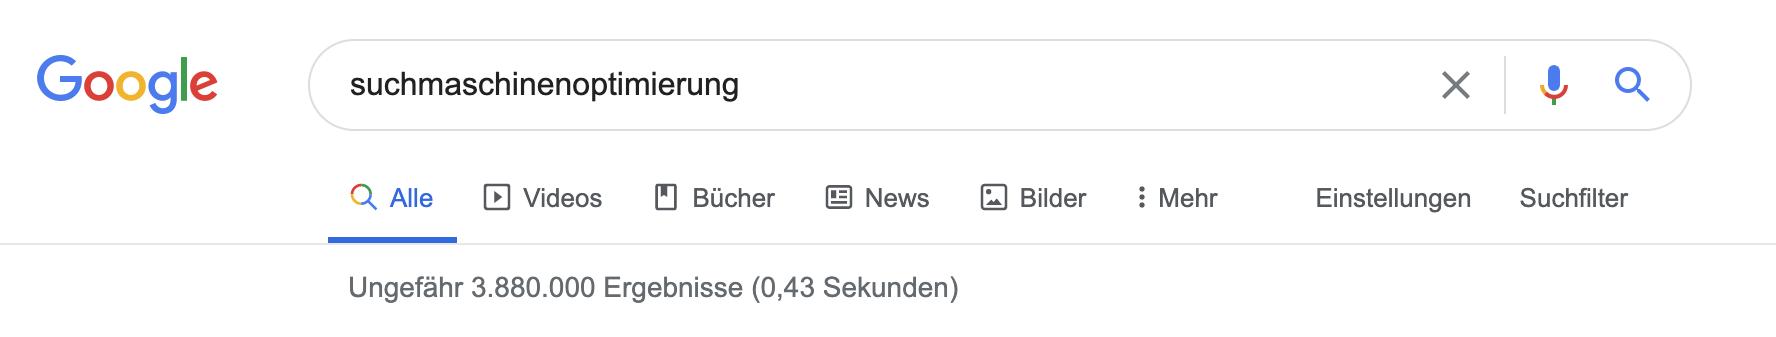 """Für das Durchsuchen des Index nach dem Schlagwort Suchmaschinenoptimierung"""" benötigt Google nicht mal eine halbe Sekunde und liefert daraufhin knapp 4 Millionen Ergebnisse."""